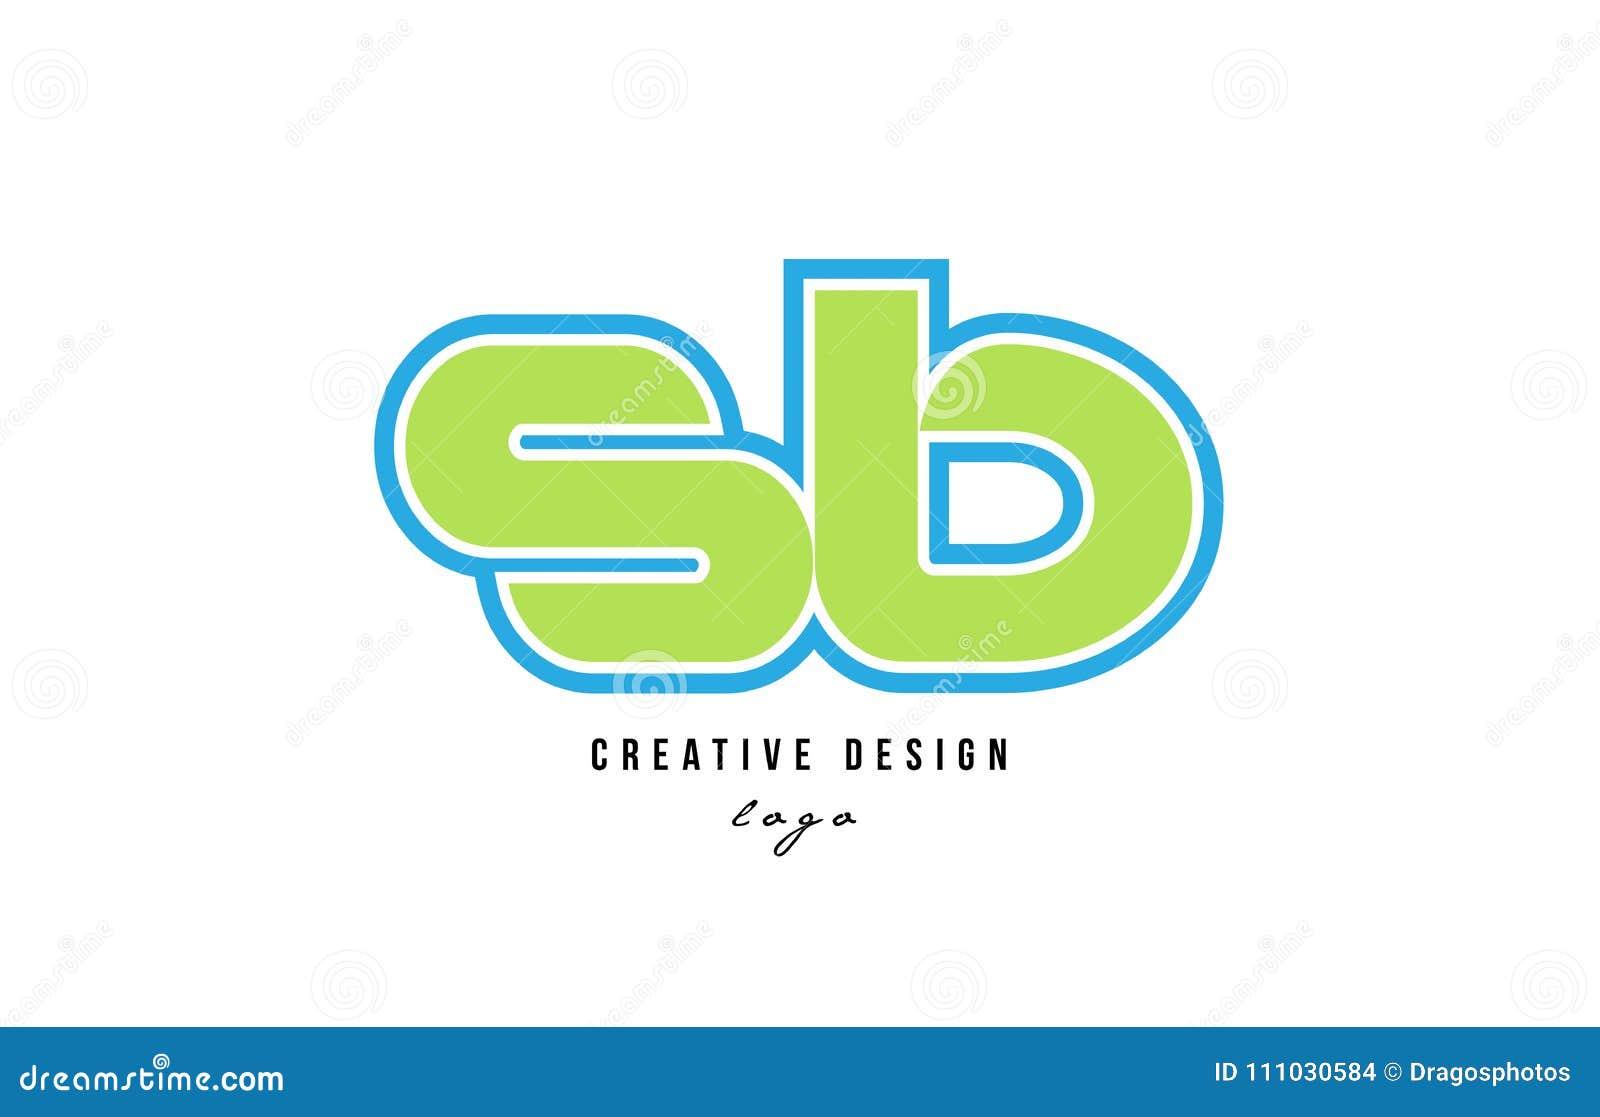 Des Alphabetbuchstabesb S B Des Blauen Grüns Logo Ikonendesign